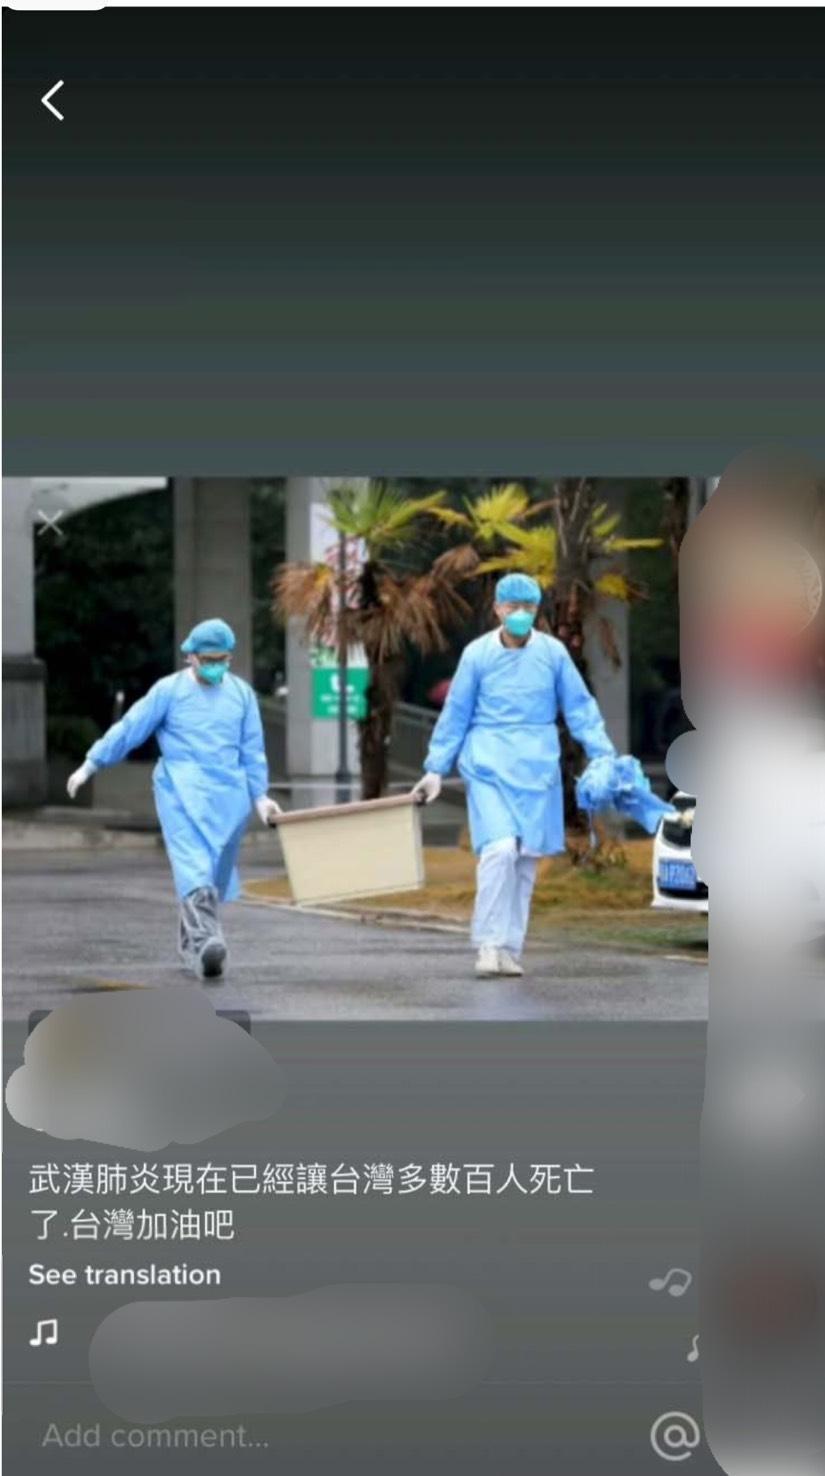 一名國中女生在APP上散布防疫假訊息,遭警方約談到案。(刑事局提供)